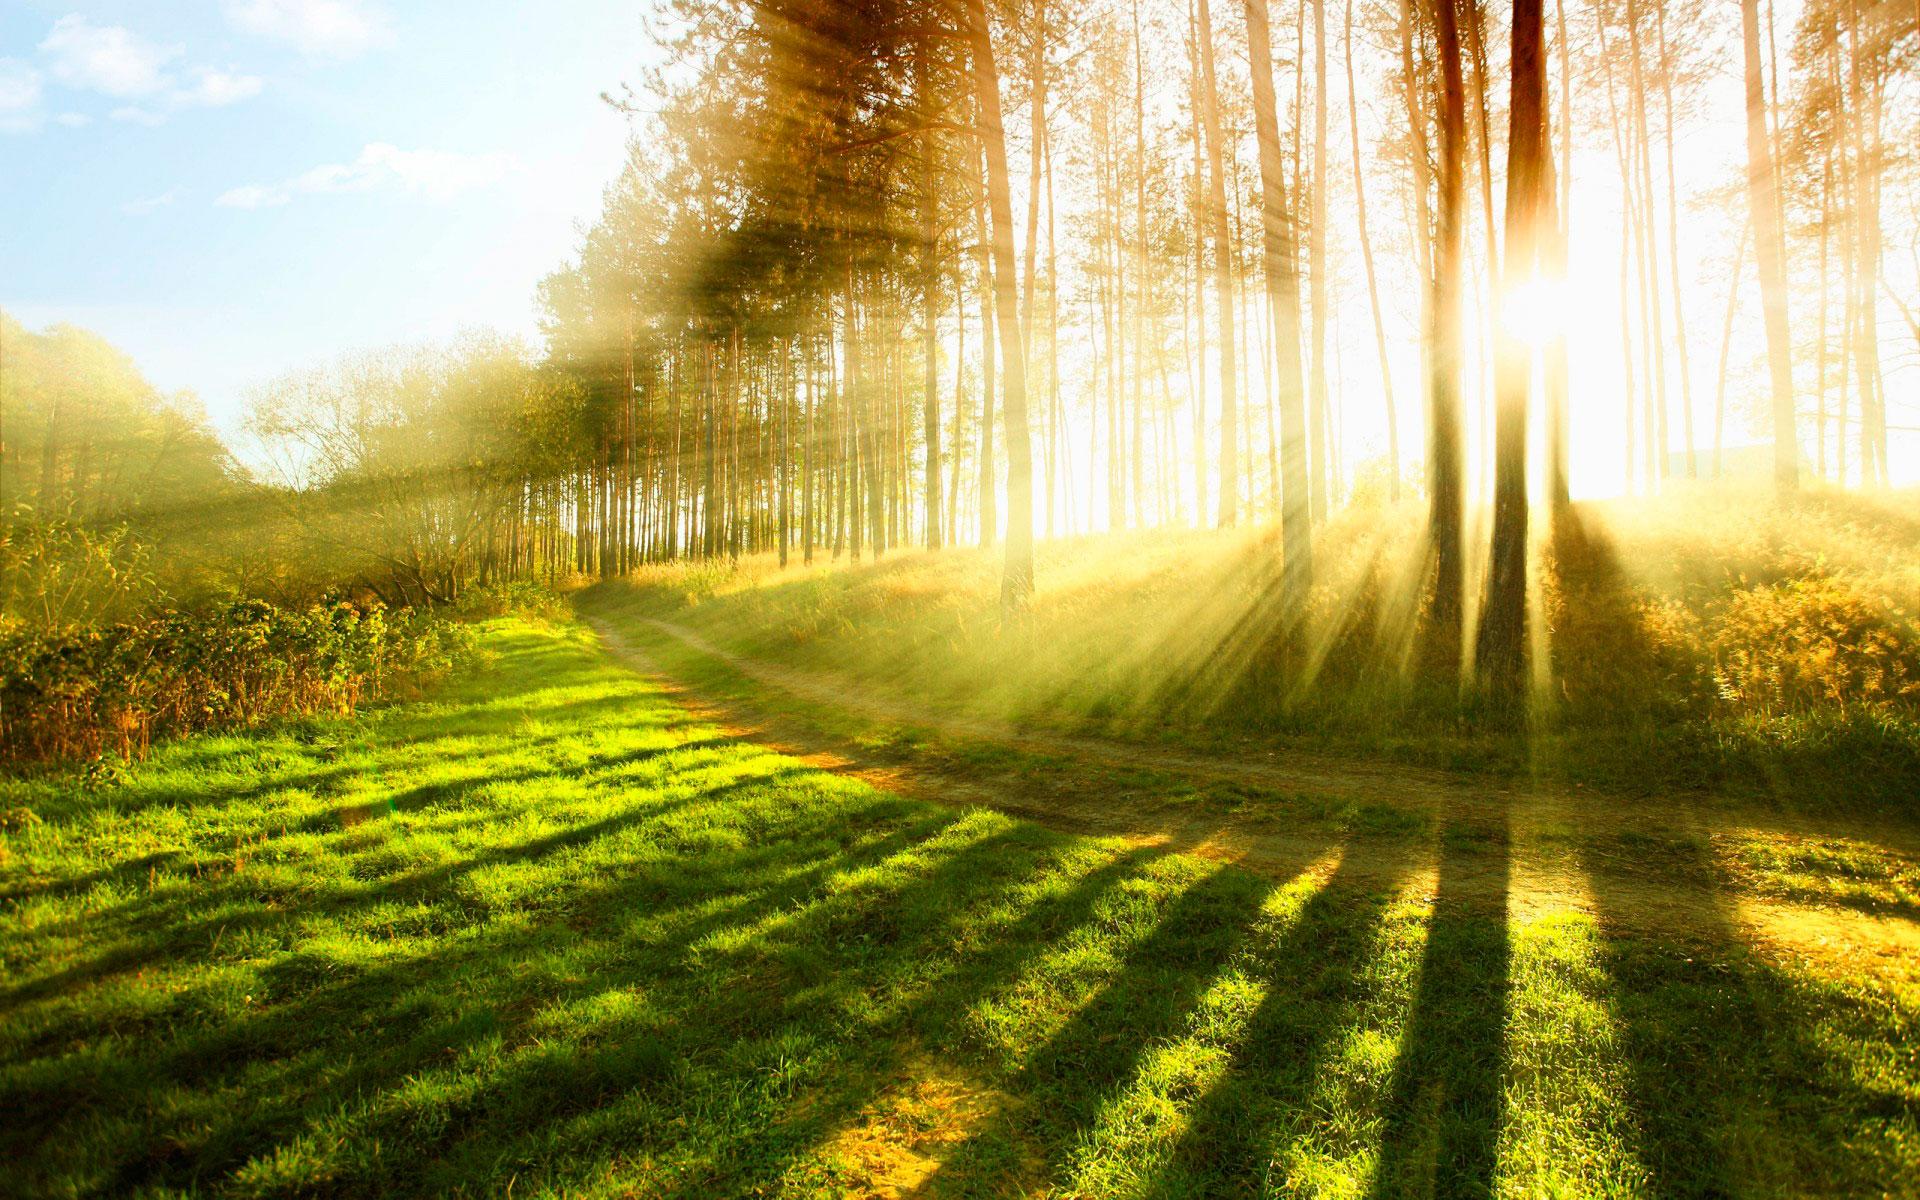 Солнечный день сегодня картинки